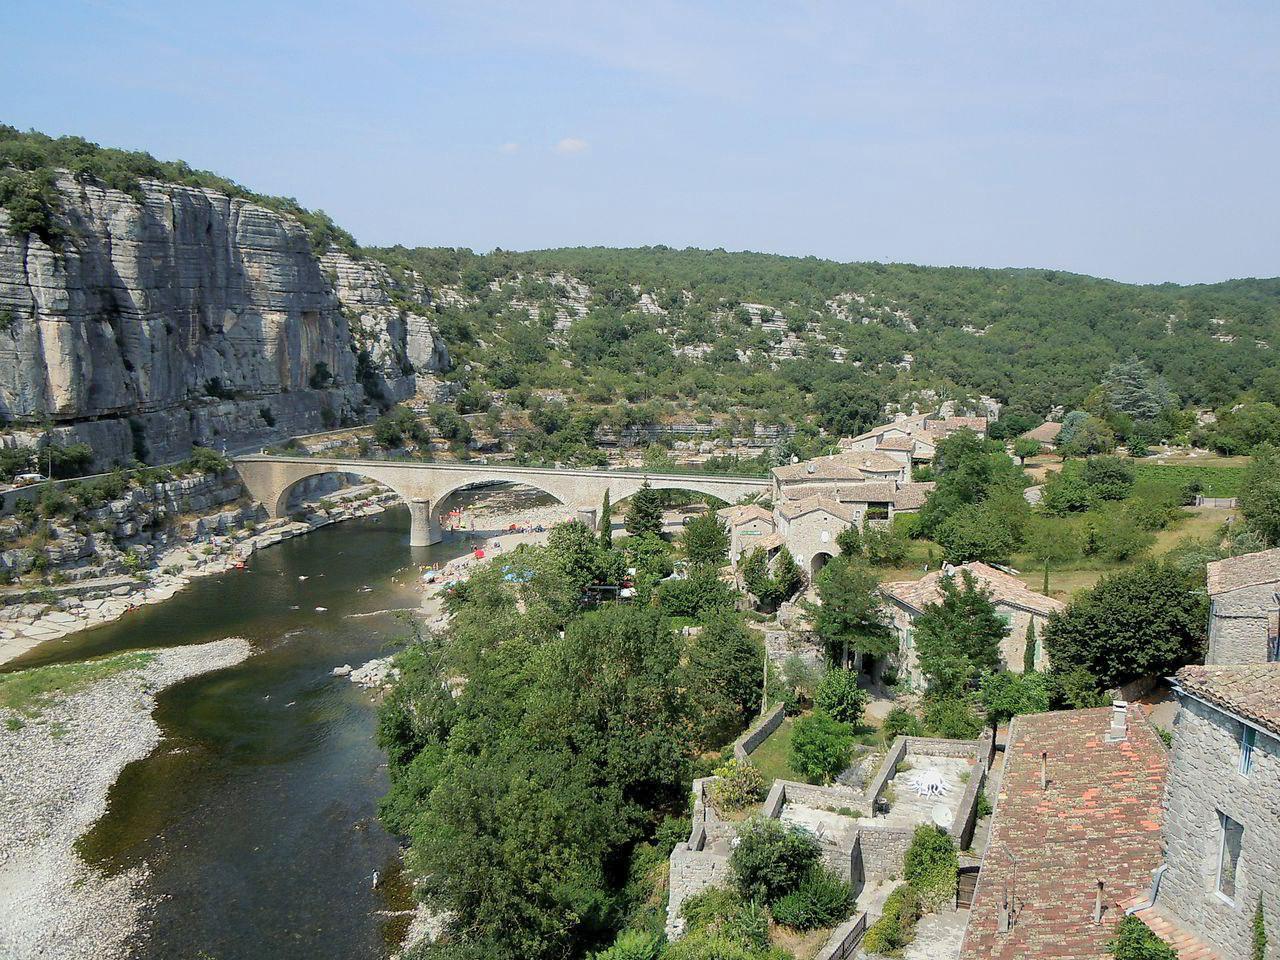 Le pont de Balazuc et la rivière